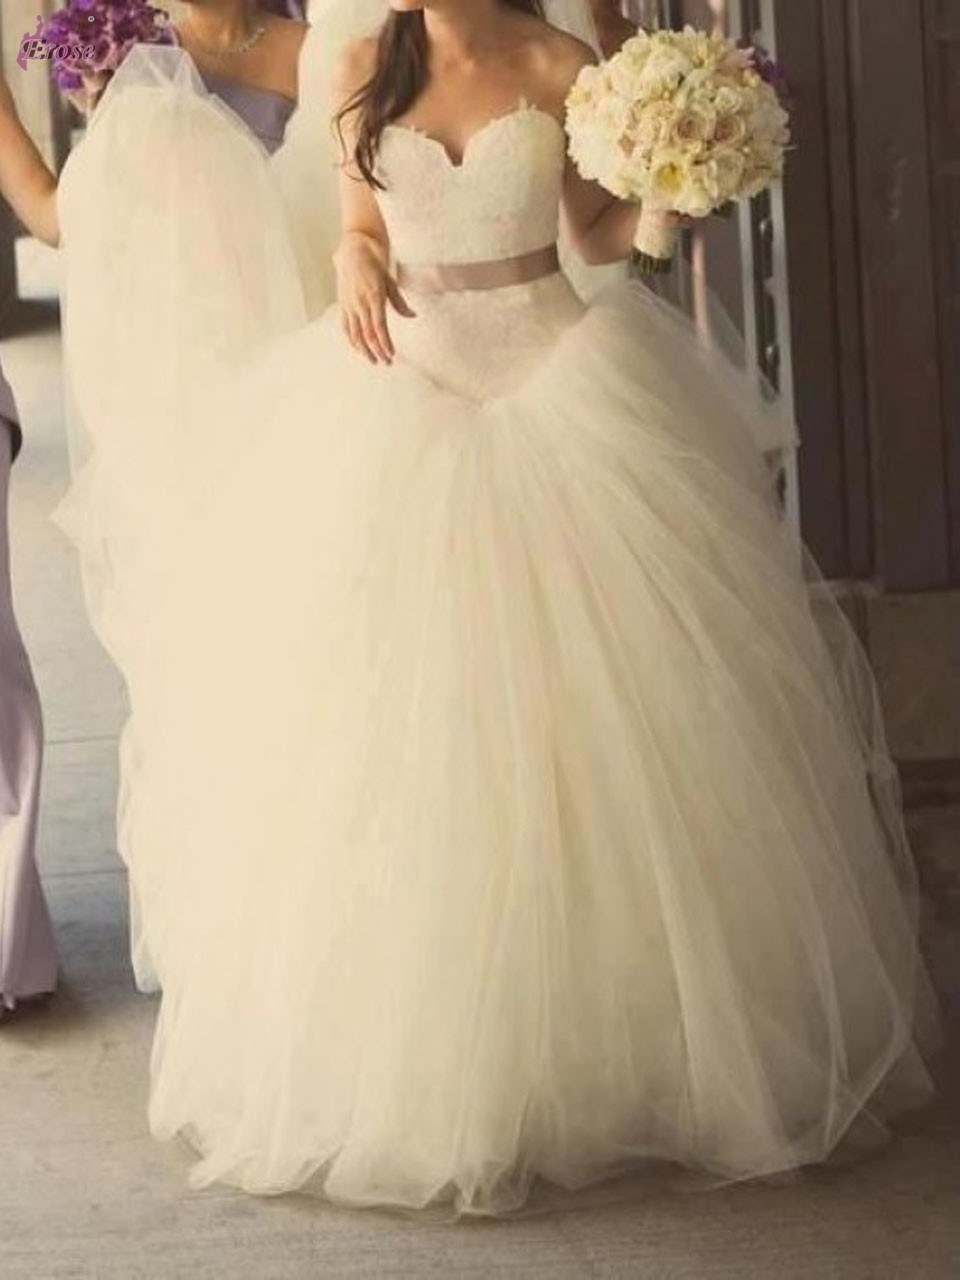 Мое лицо когда ты фоткаешся в свадебном платье и ставишь его на аву, Мем